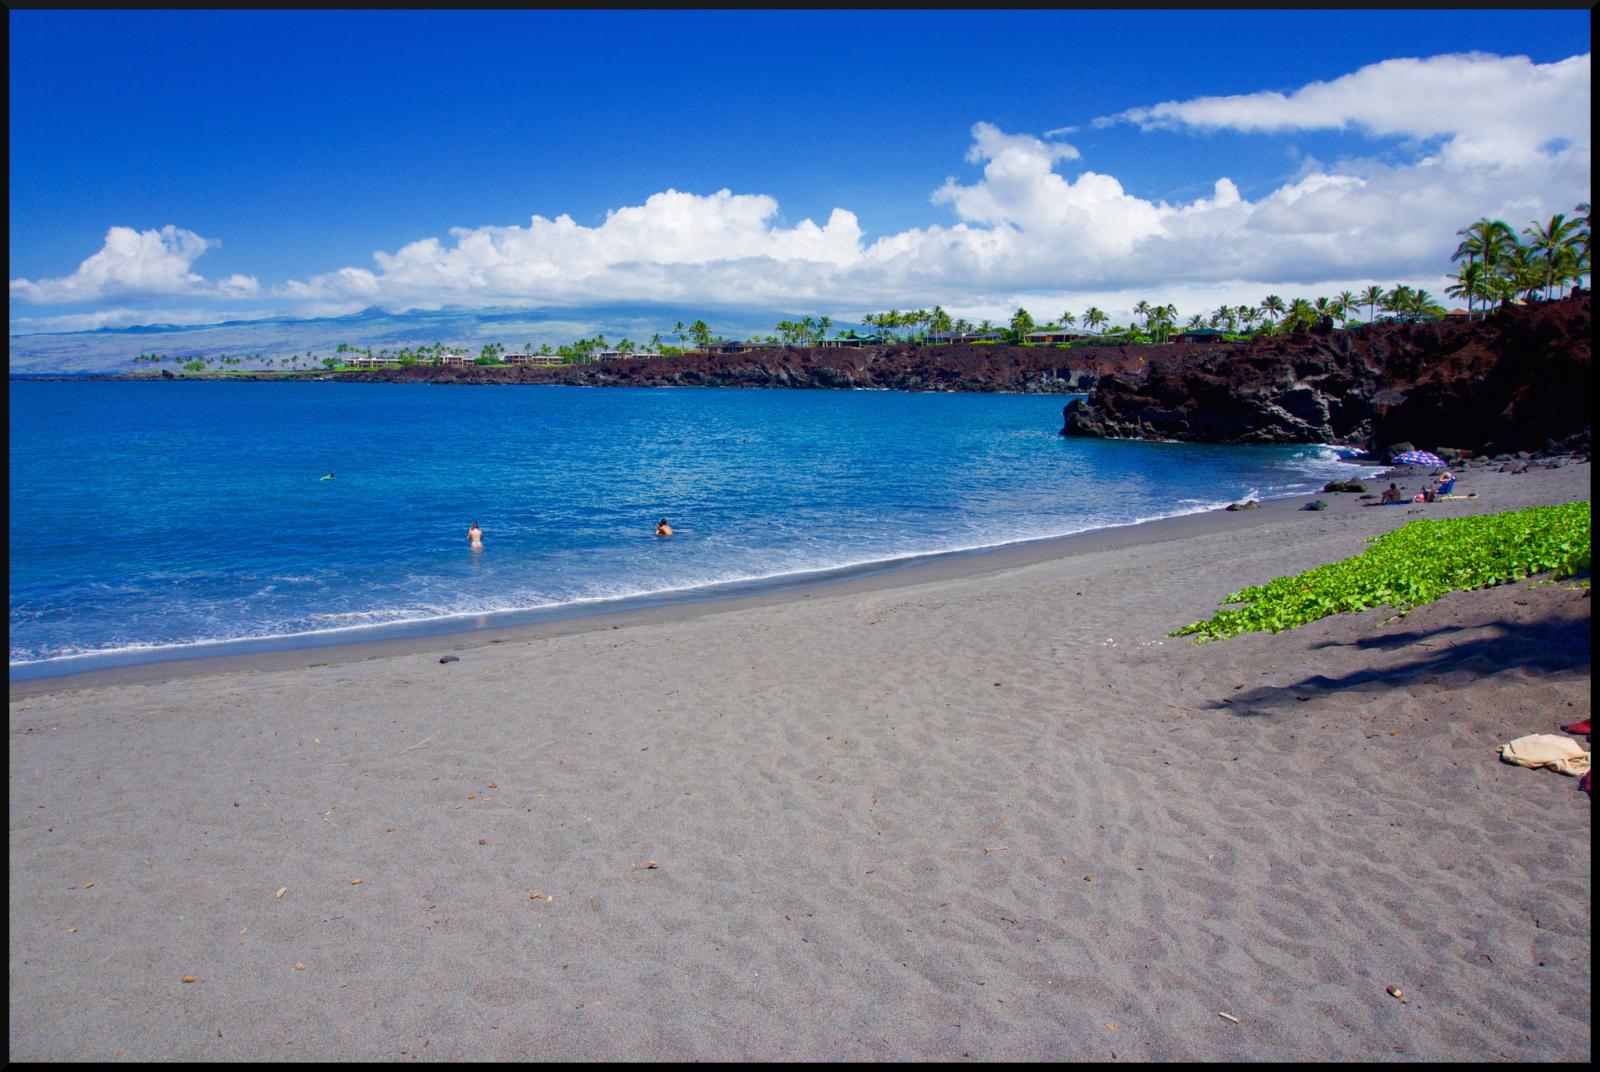 49 Black Sand Beach The Only Black Sand Beach On The Kona